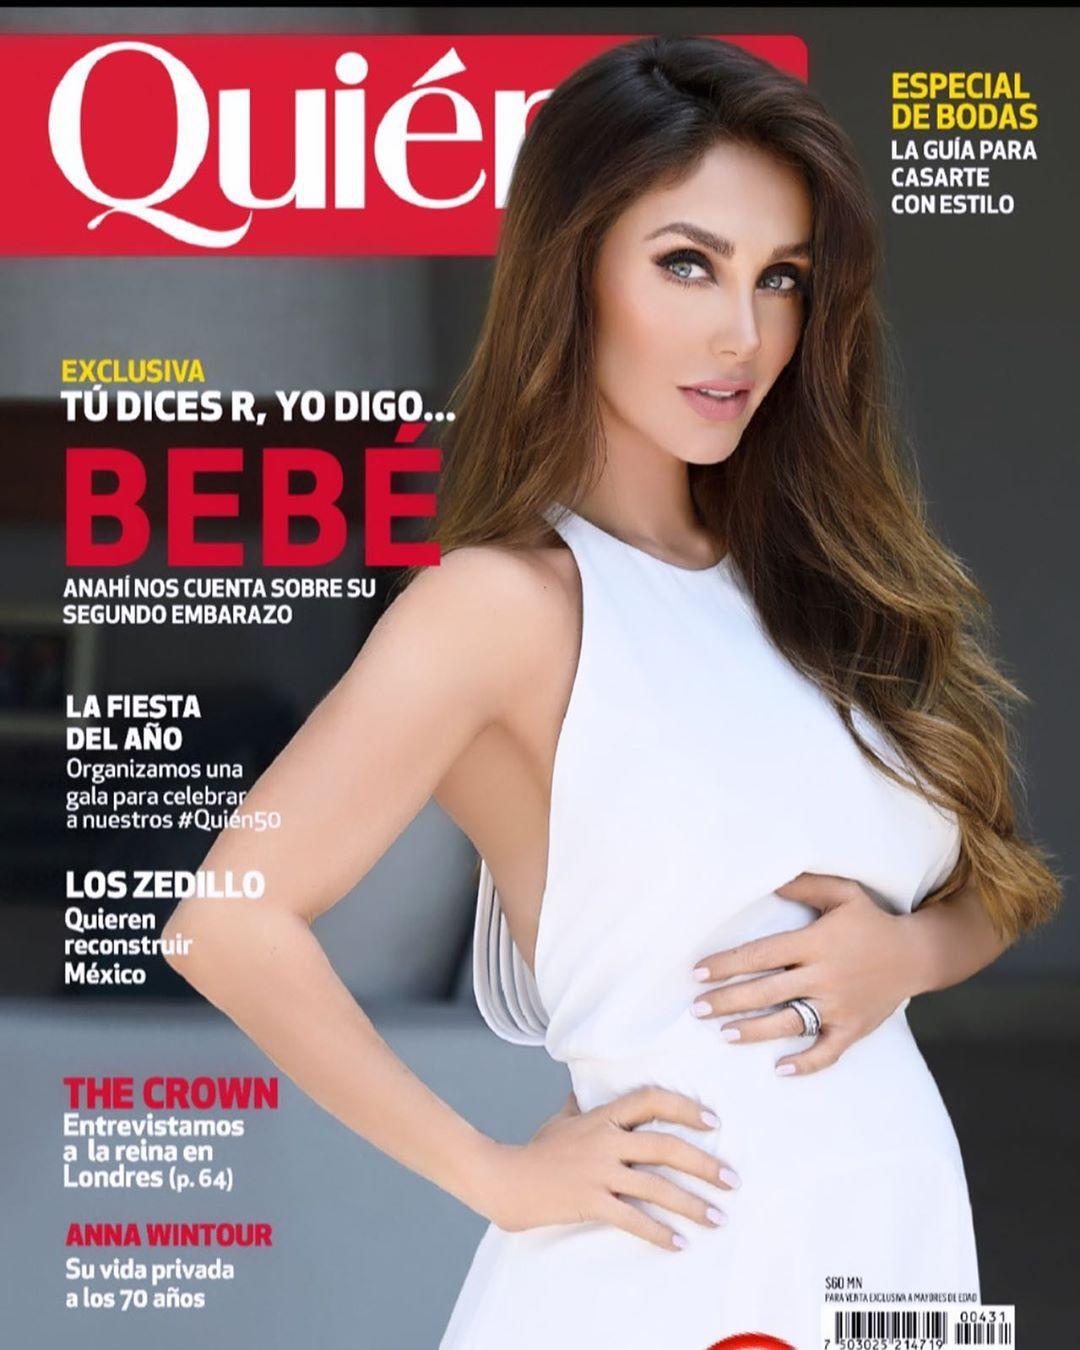 La portada de la revista